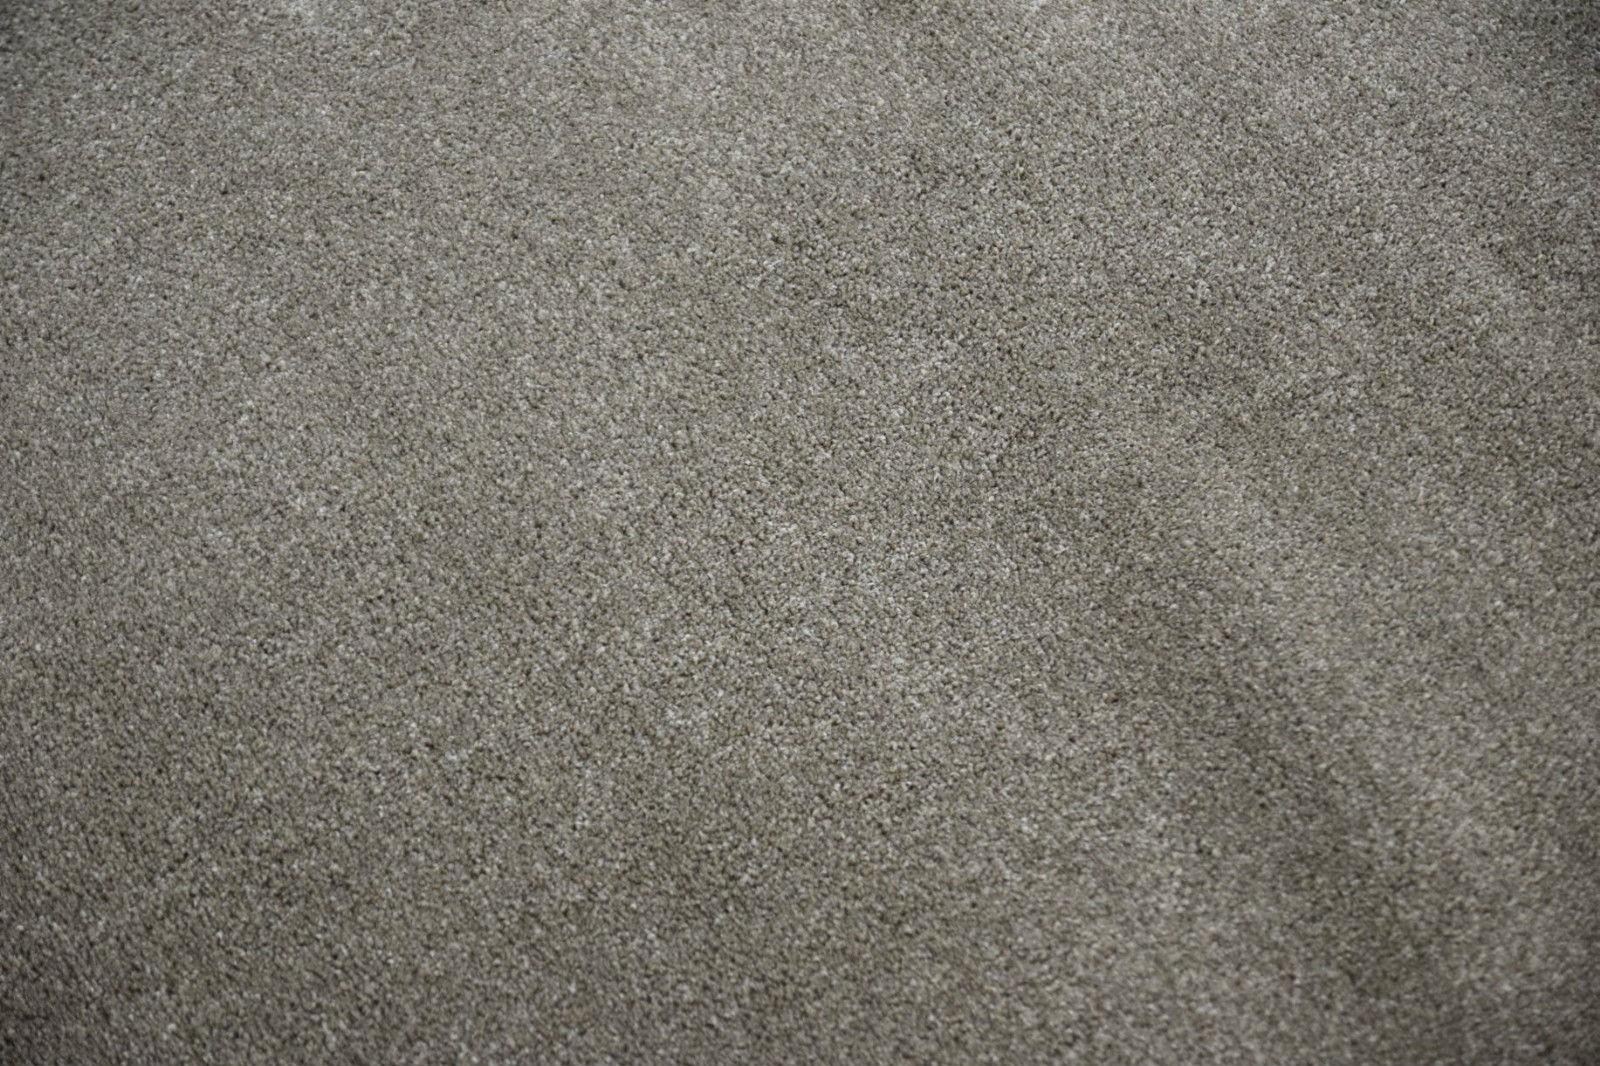 petit tapis rond pas cher top tapis motifs noirs roses et. Black Bedroom Furniture Sets. Home Design Ideas